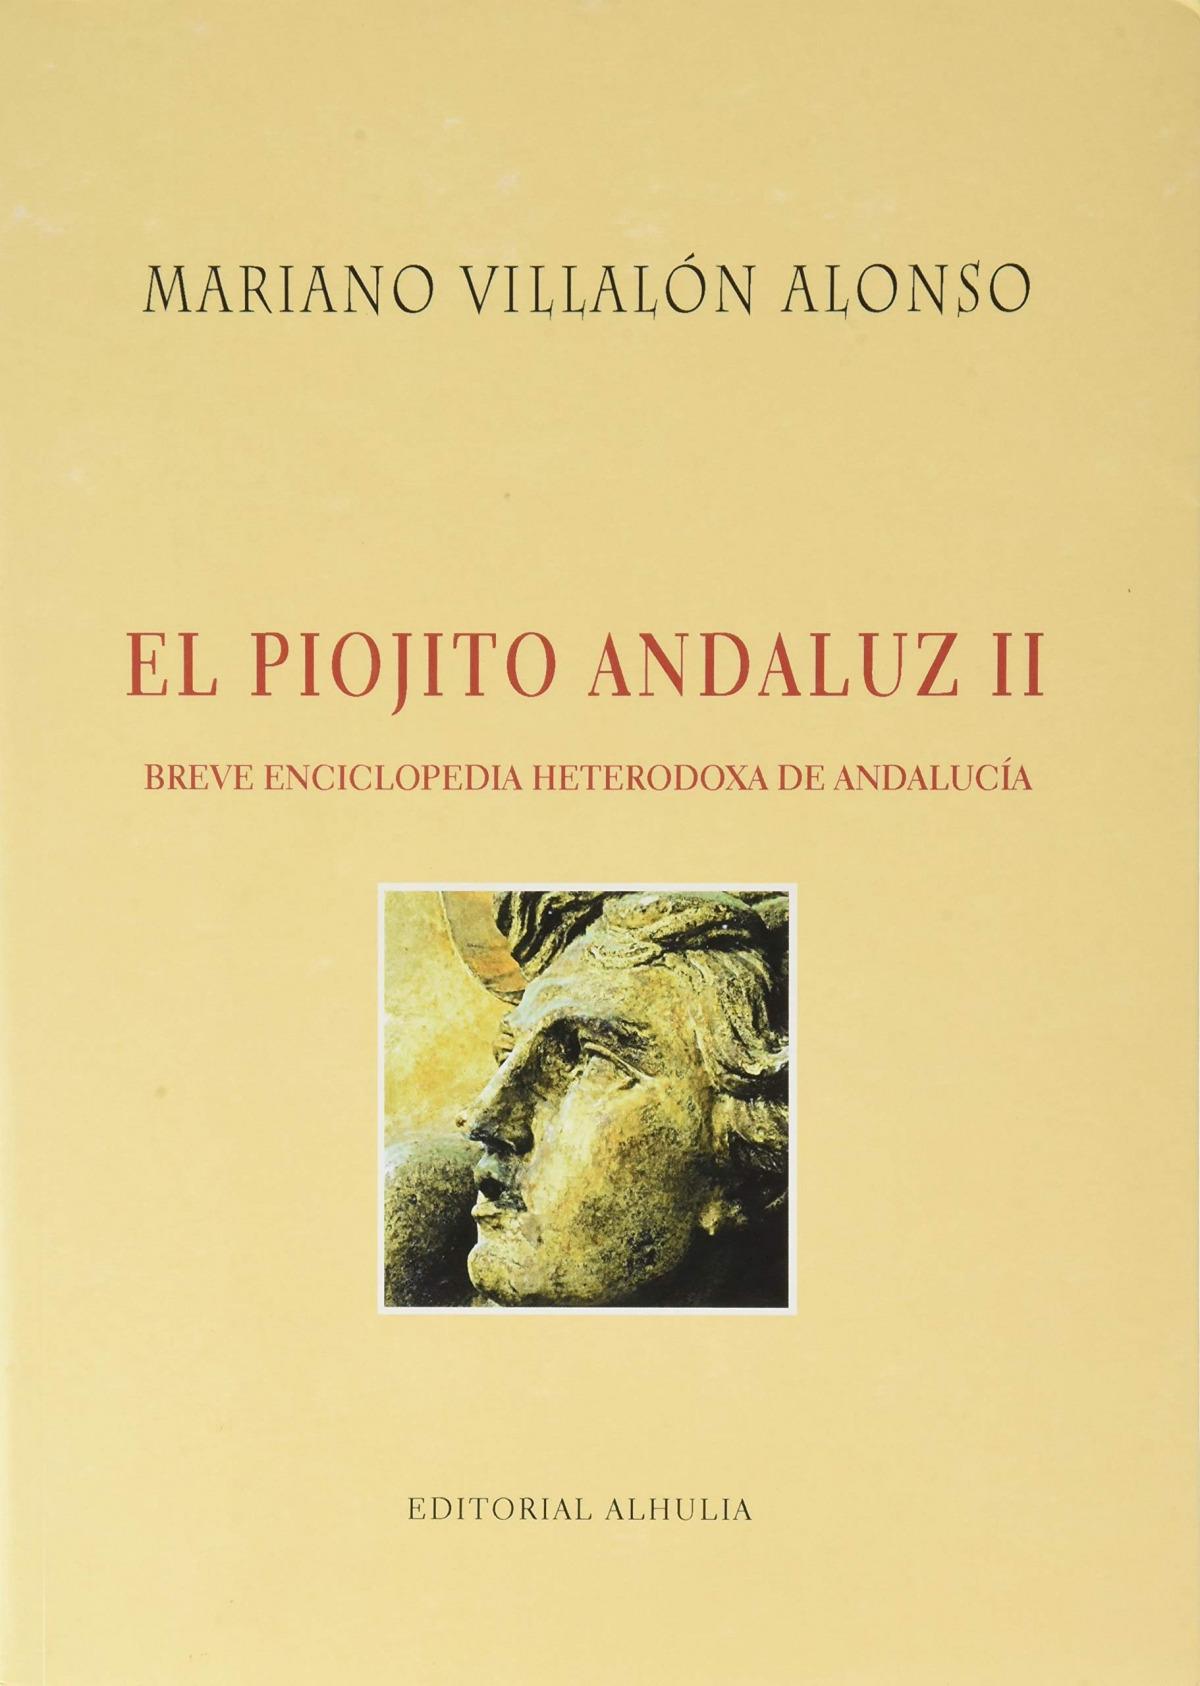 EL PIOJITO ANDALUZ II